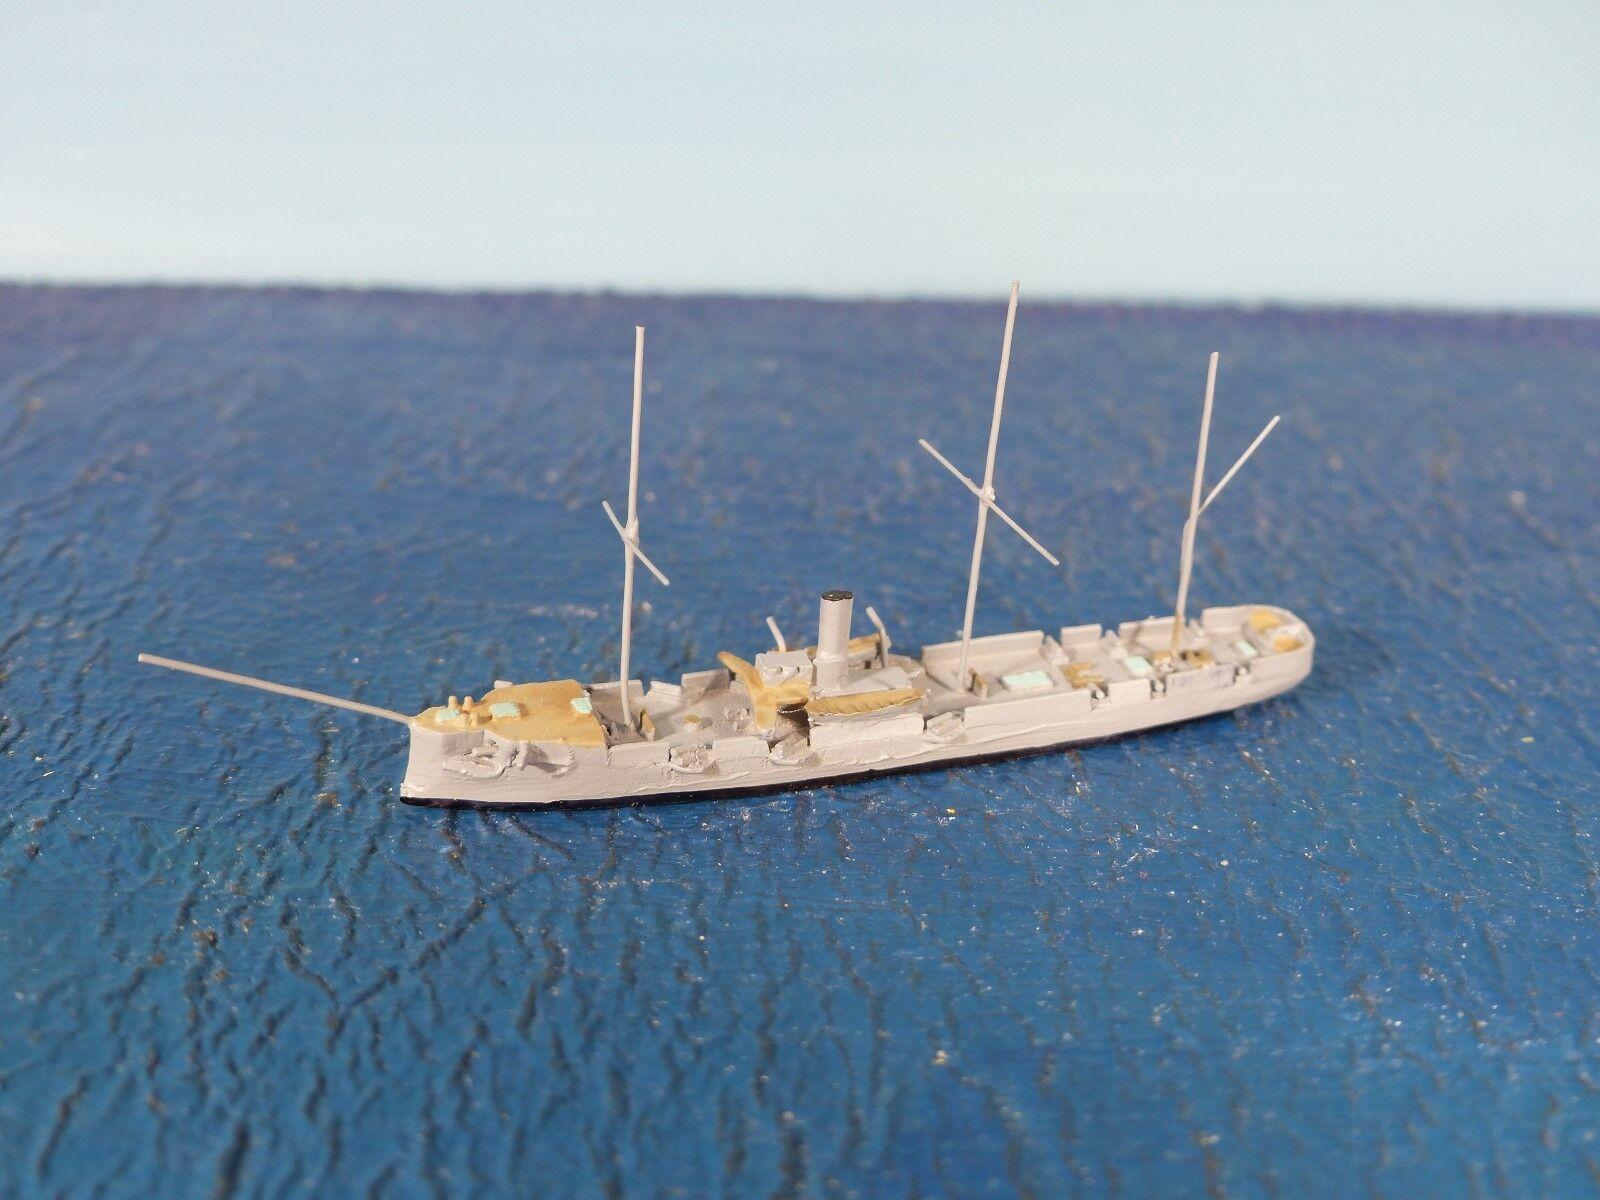 precios ultra bajos Hai barco 1 1250 F. crucero  Villars  tiburón. tiburón. tiburón. 940 nuevo embalaje original..  lo último